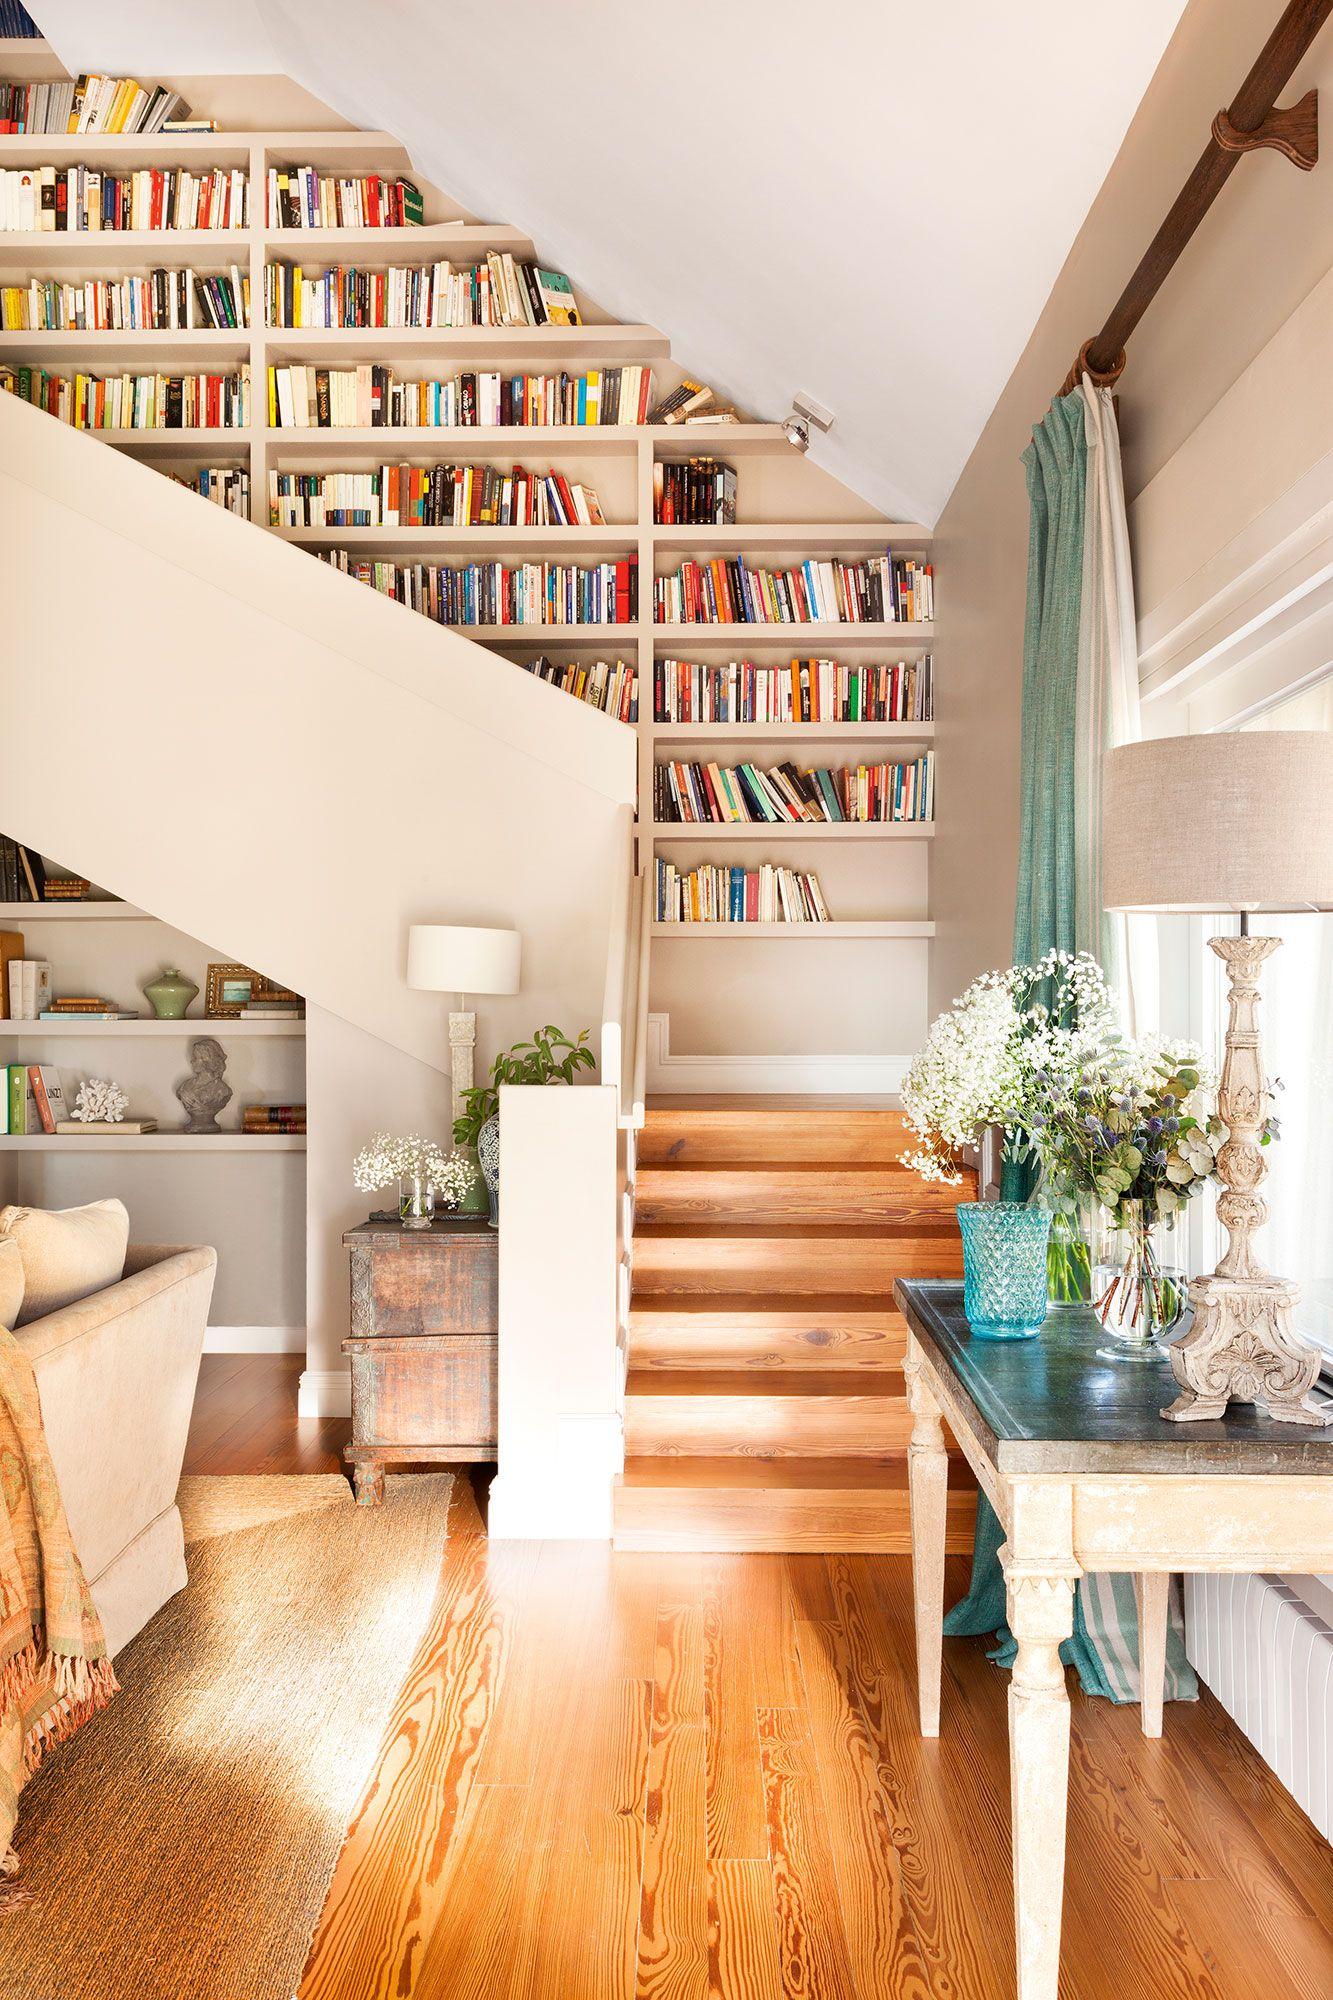 10 librer as pr cticas y decorativas para toda la casa escaleras pinterest escaleras - Librerias con escalera ...